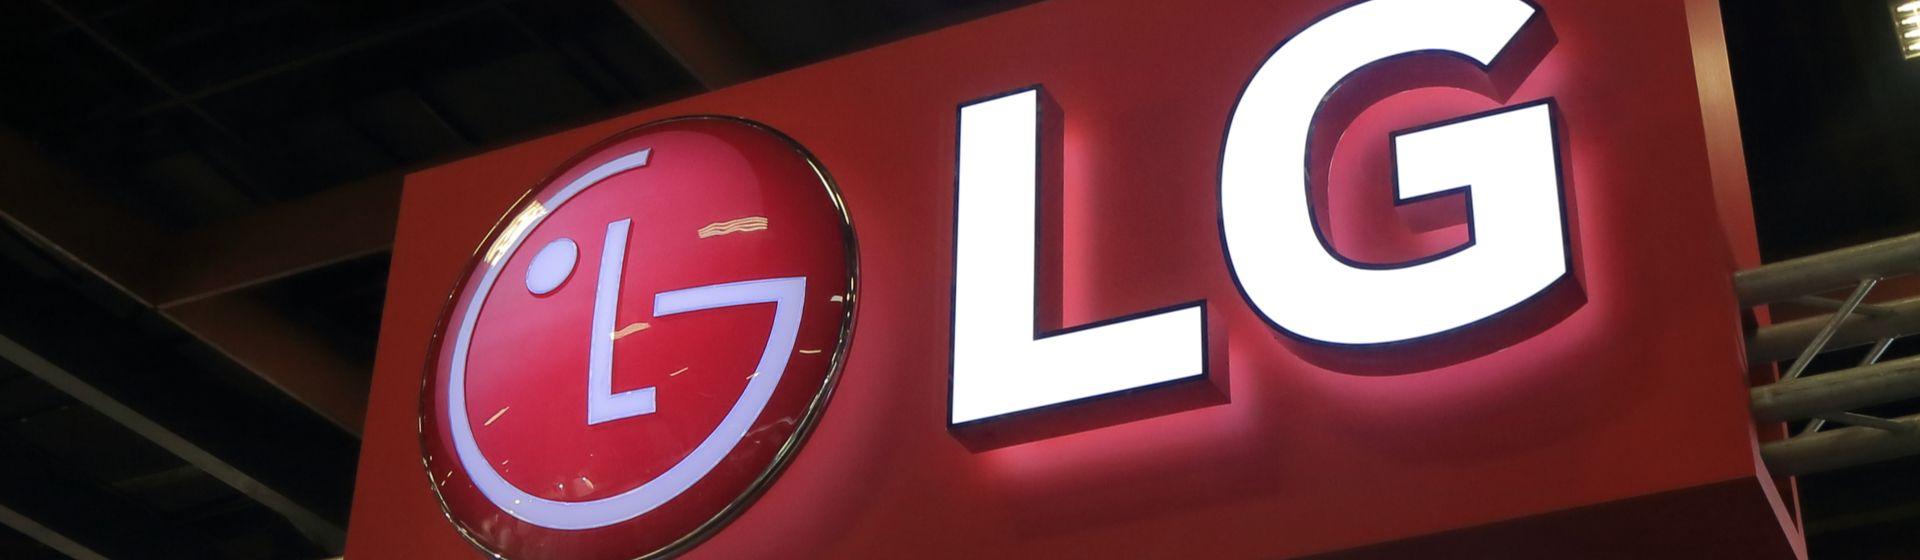 Smart TV LG UM761C é boa? Confira a análise do modelo de entrada da série U